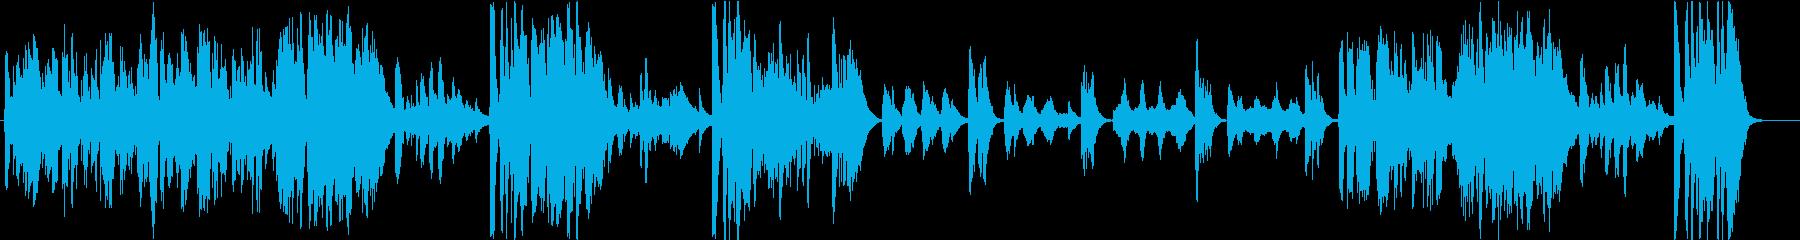 ブラームス ハンガリー舞曲第五番(編曲)の再生済みの波形